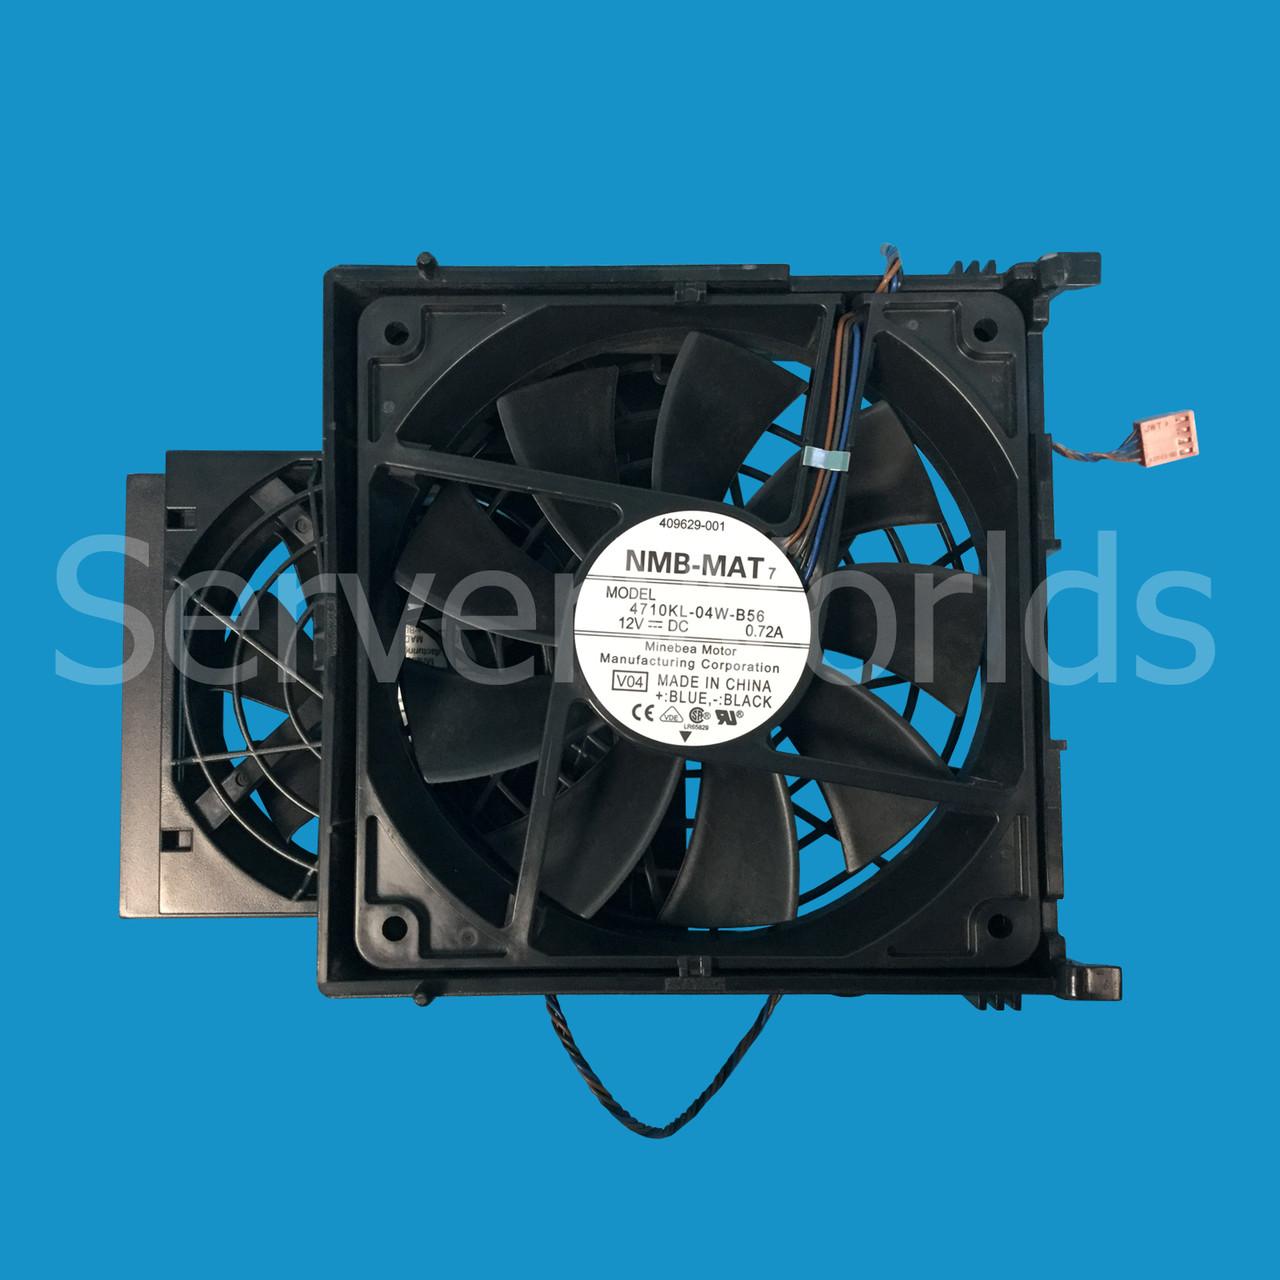 HP Z600 Workstation Rear System Cooling Fan Assembly 508064-001